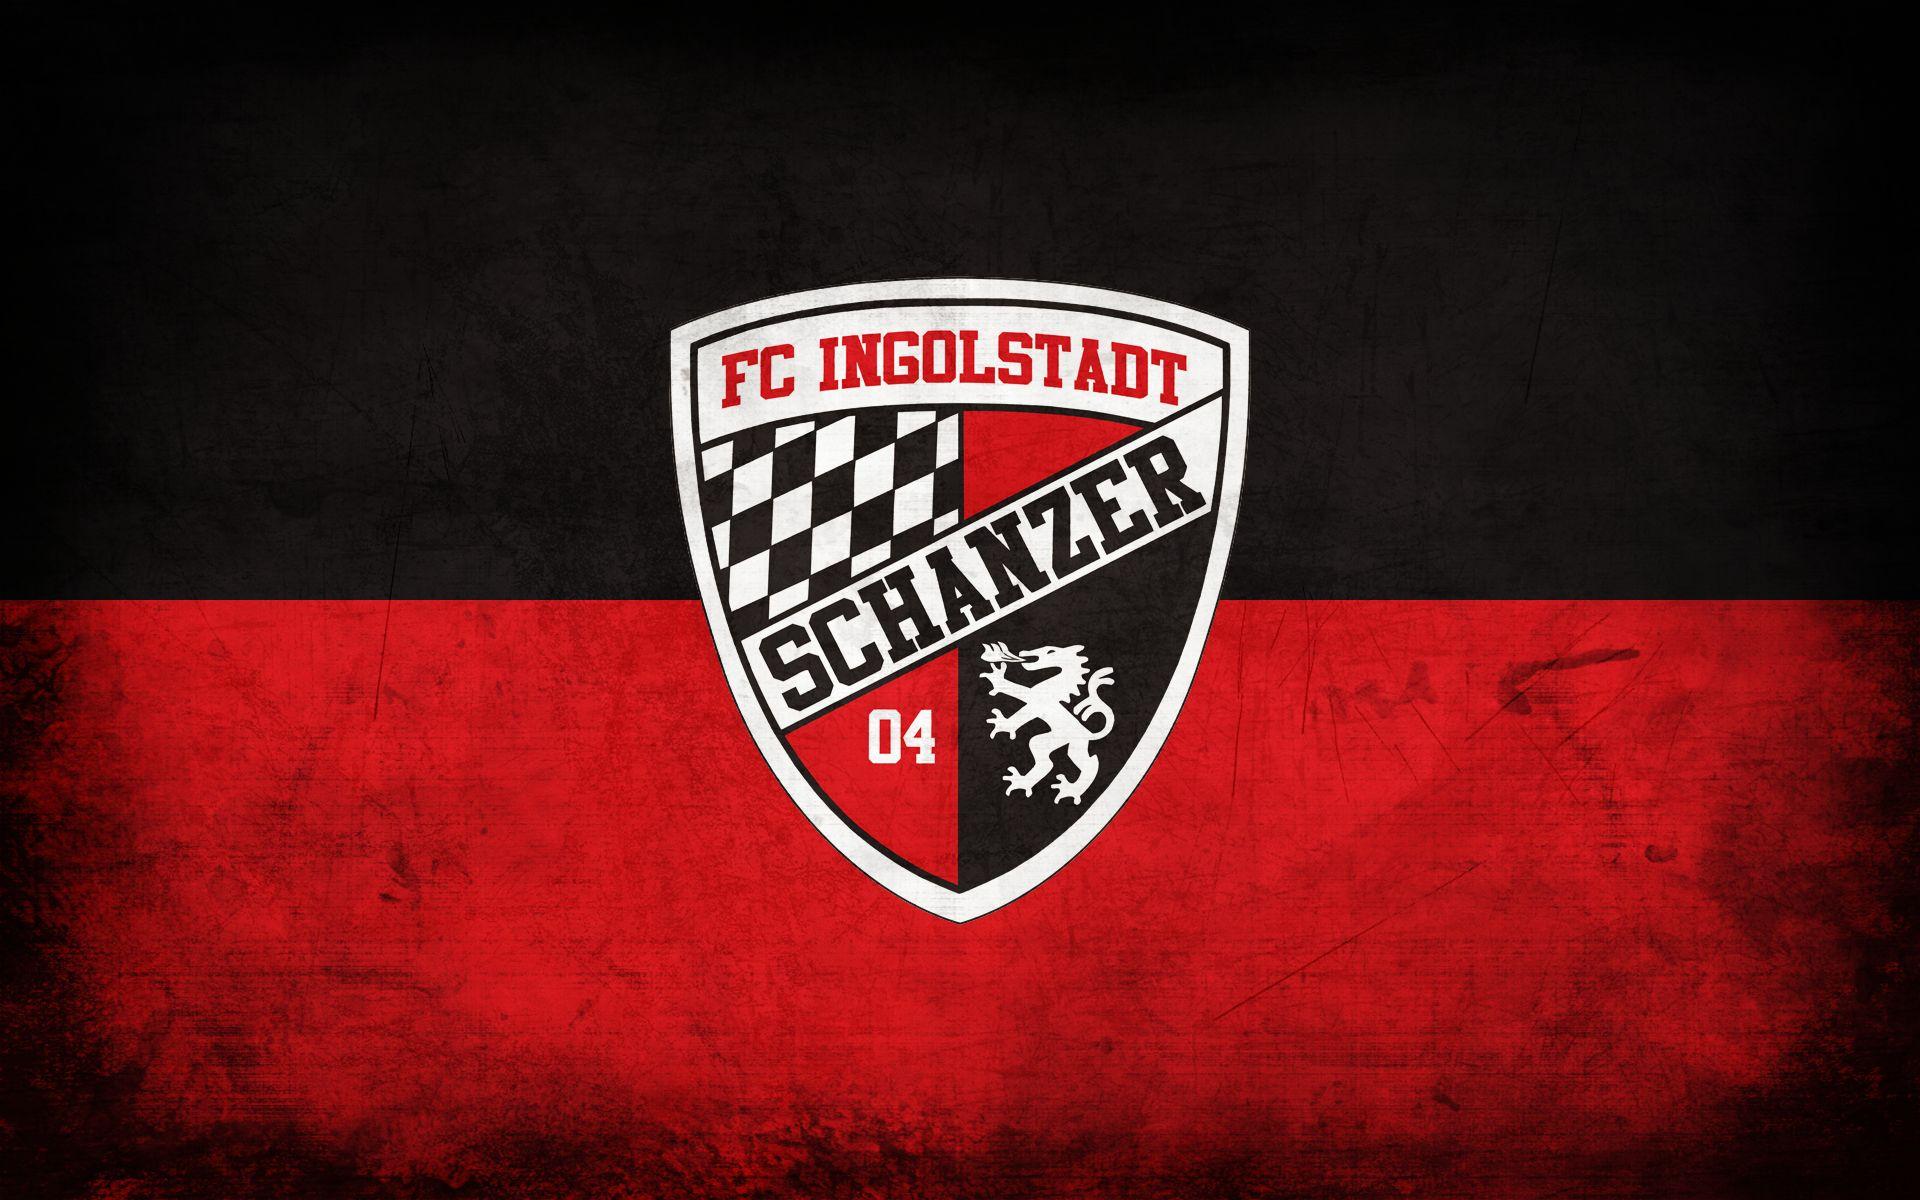 Www.Fc-Ingolstadt